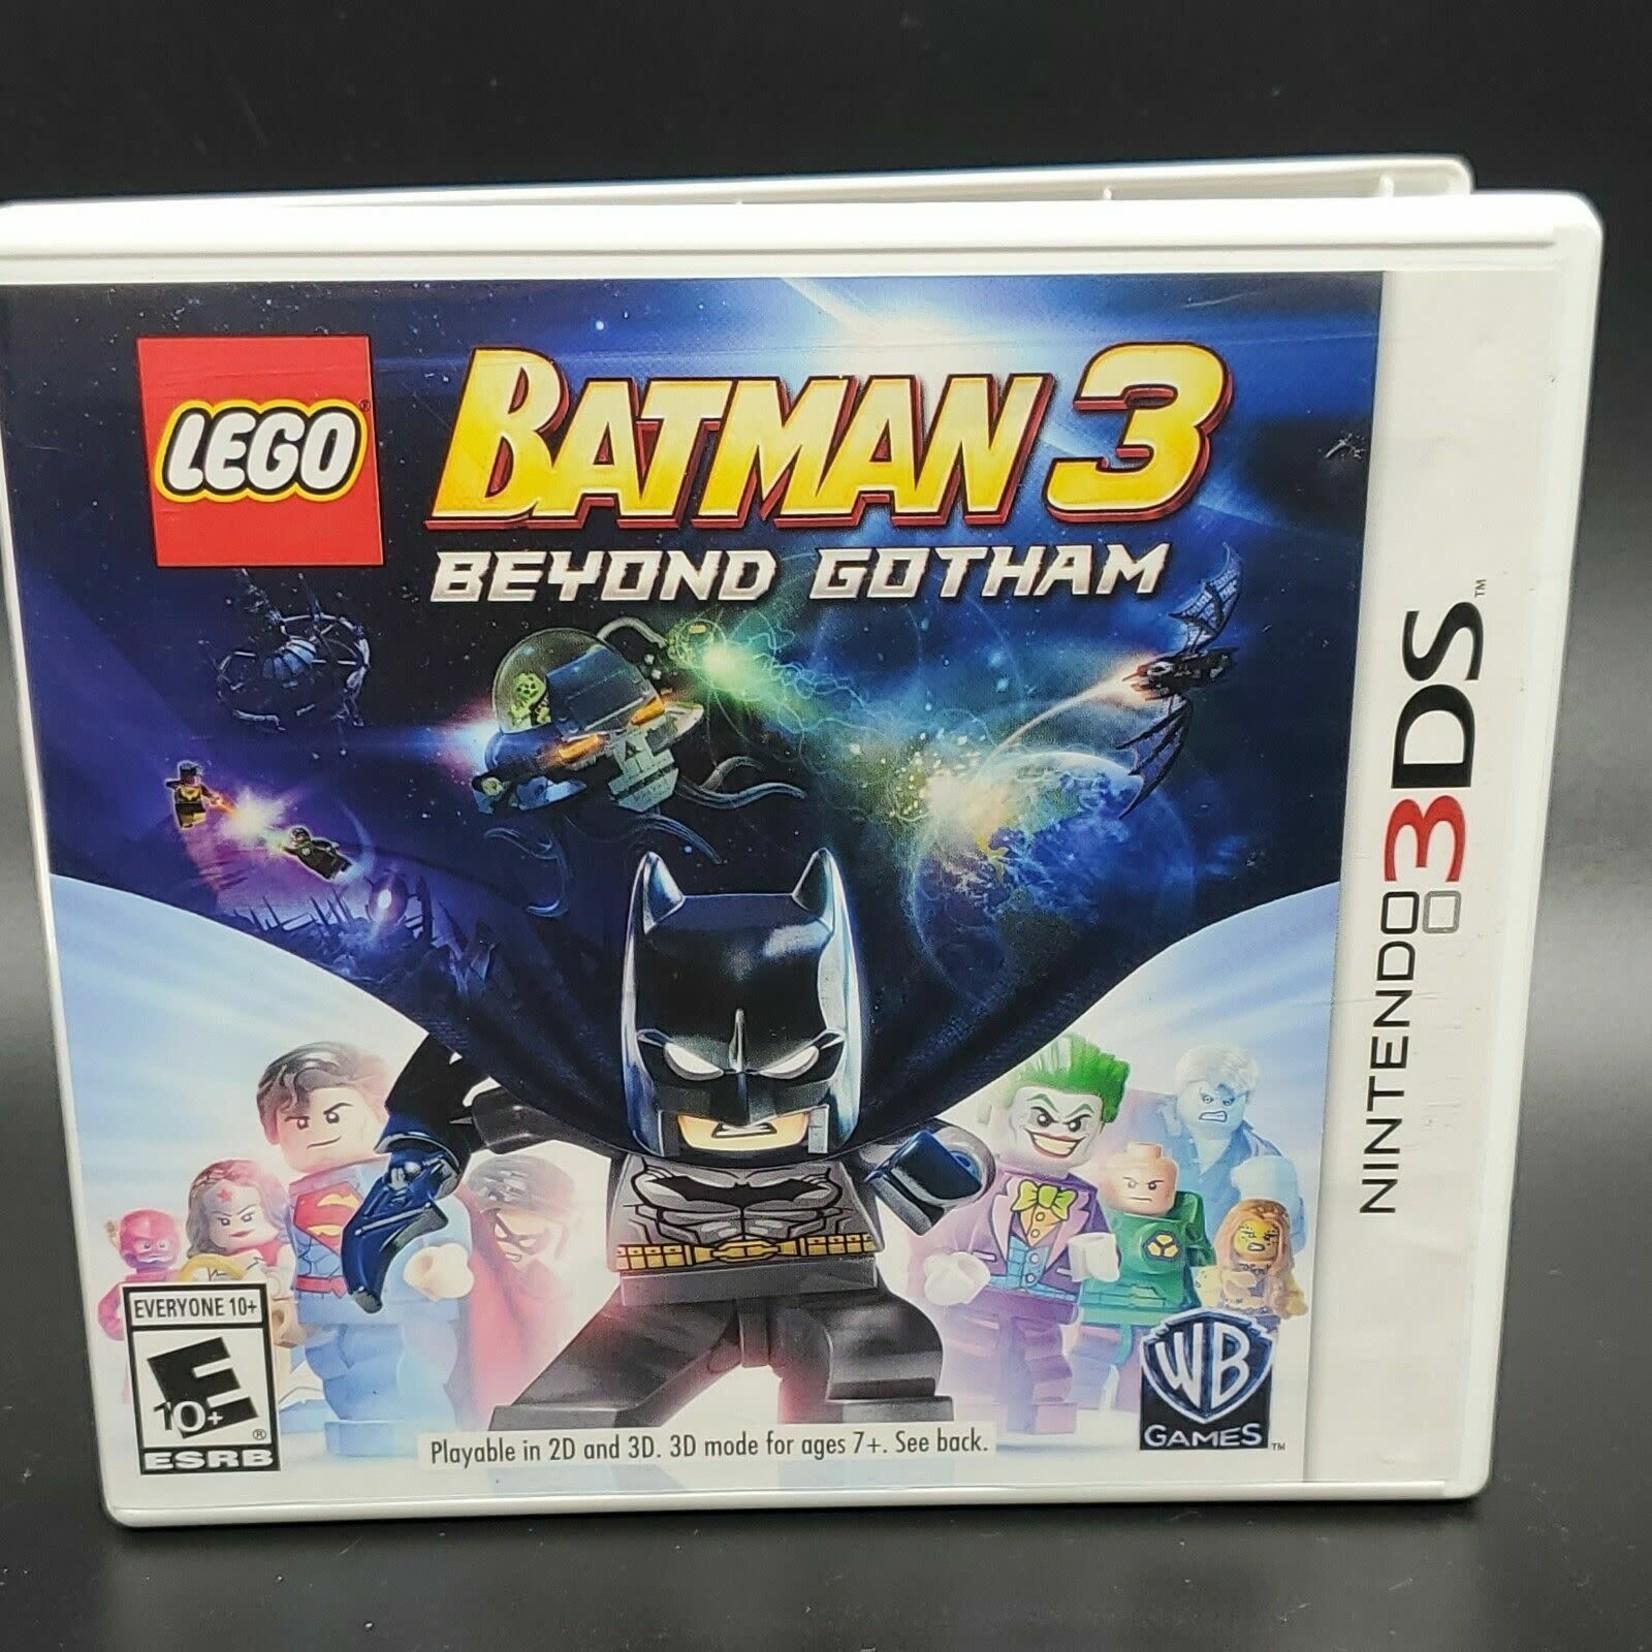 3DSU-LEGO Batman 3: Beyond Gotham